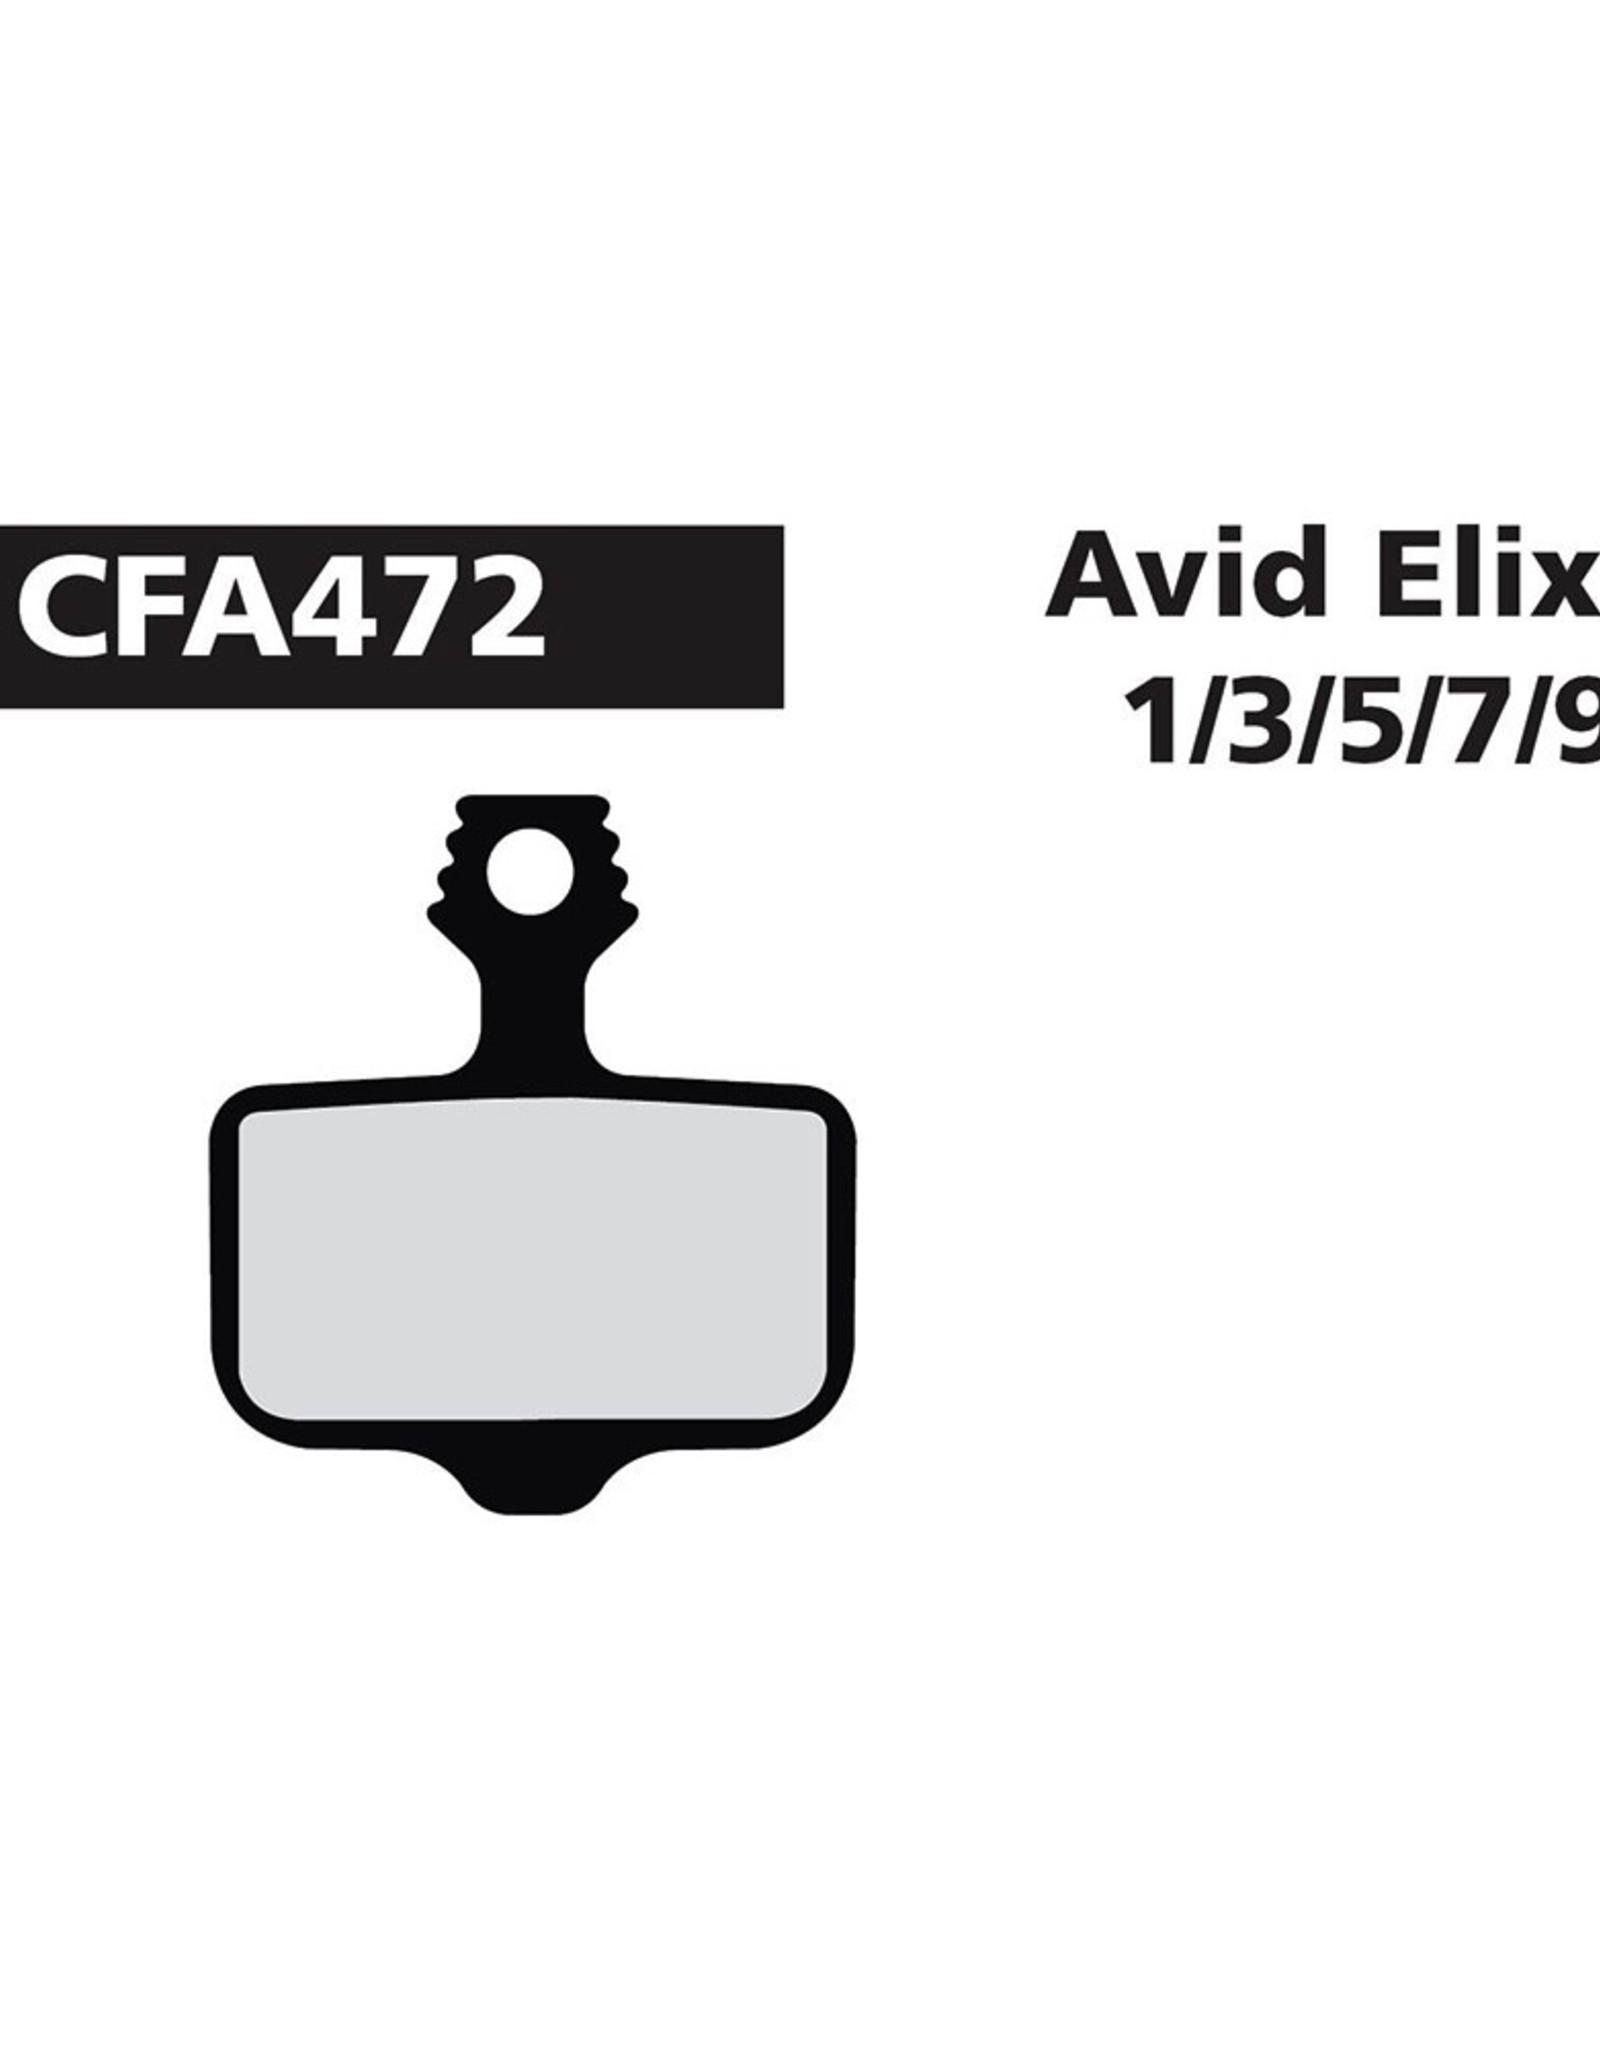 EBC EBC Disc Brake Pads - FA472 Organic (Avid, Sram)